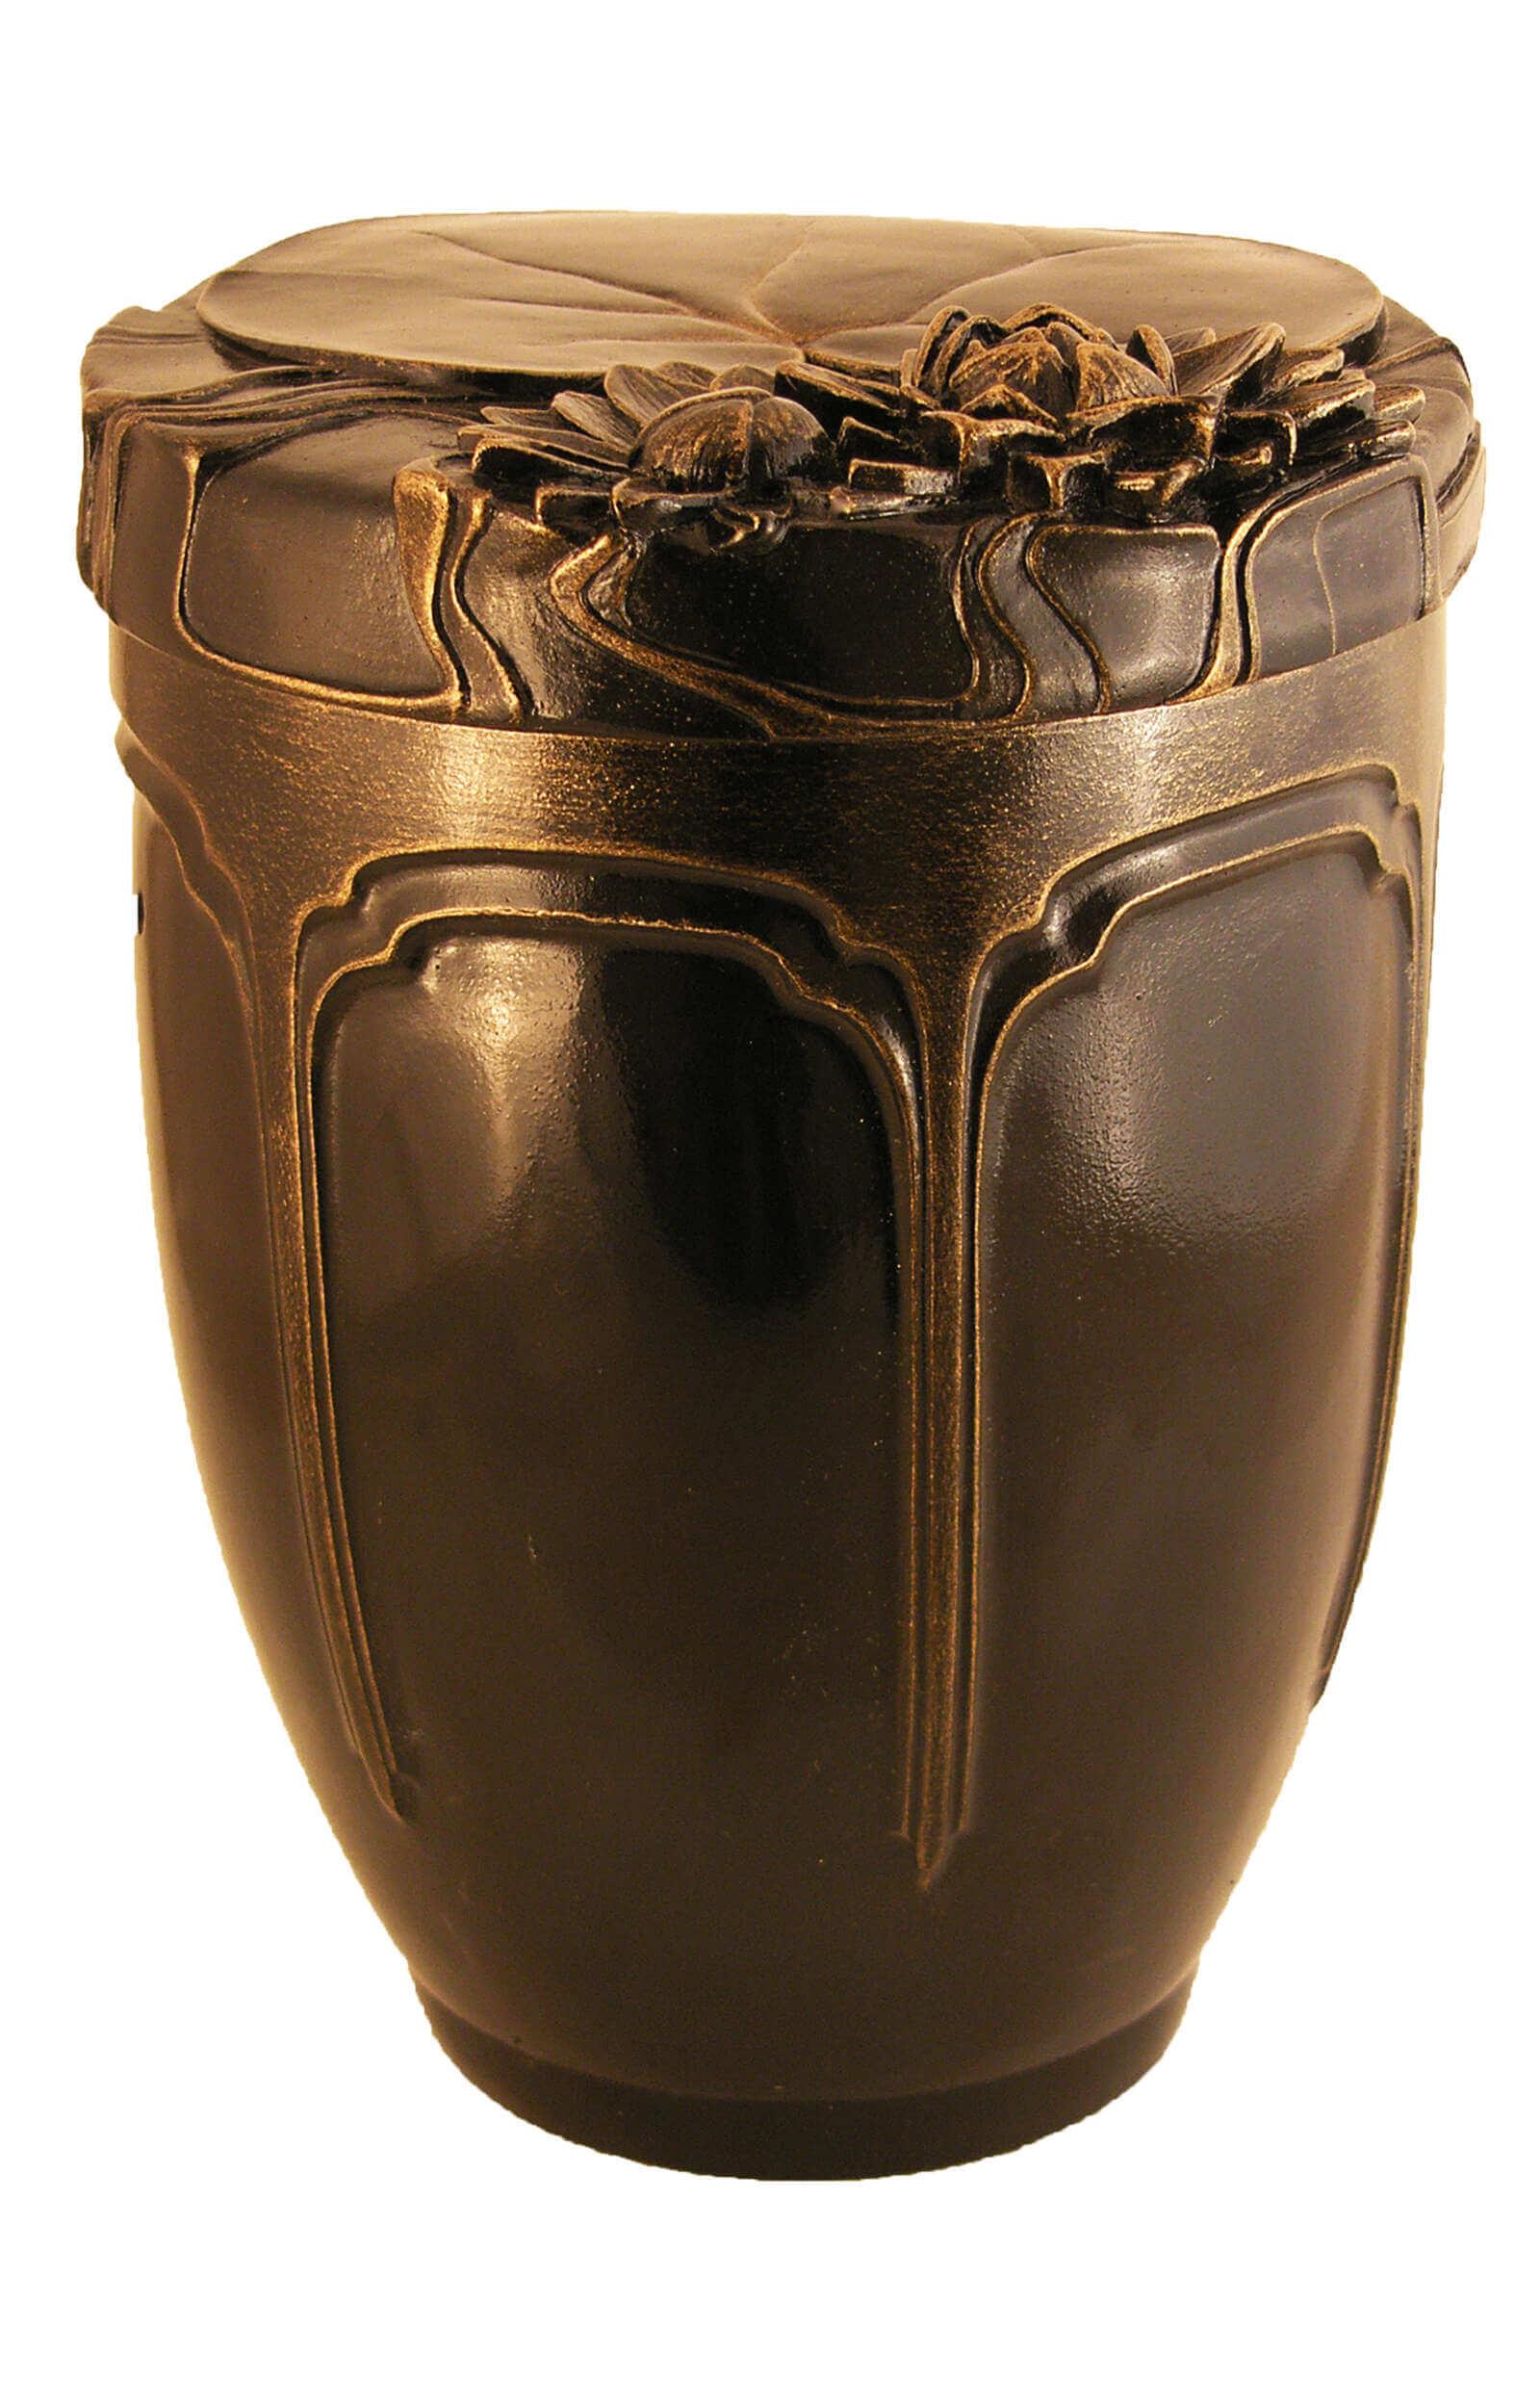 en KB1578 ceramic urn funeral urn for human ashes lili brown